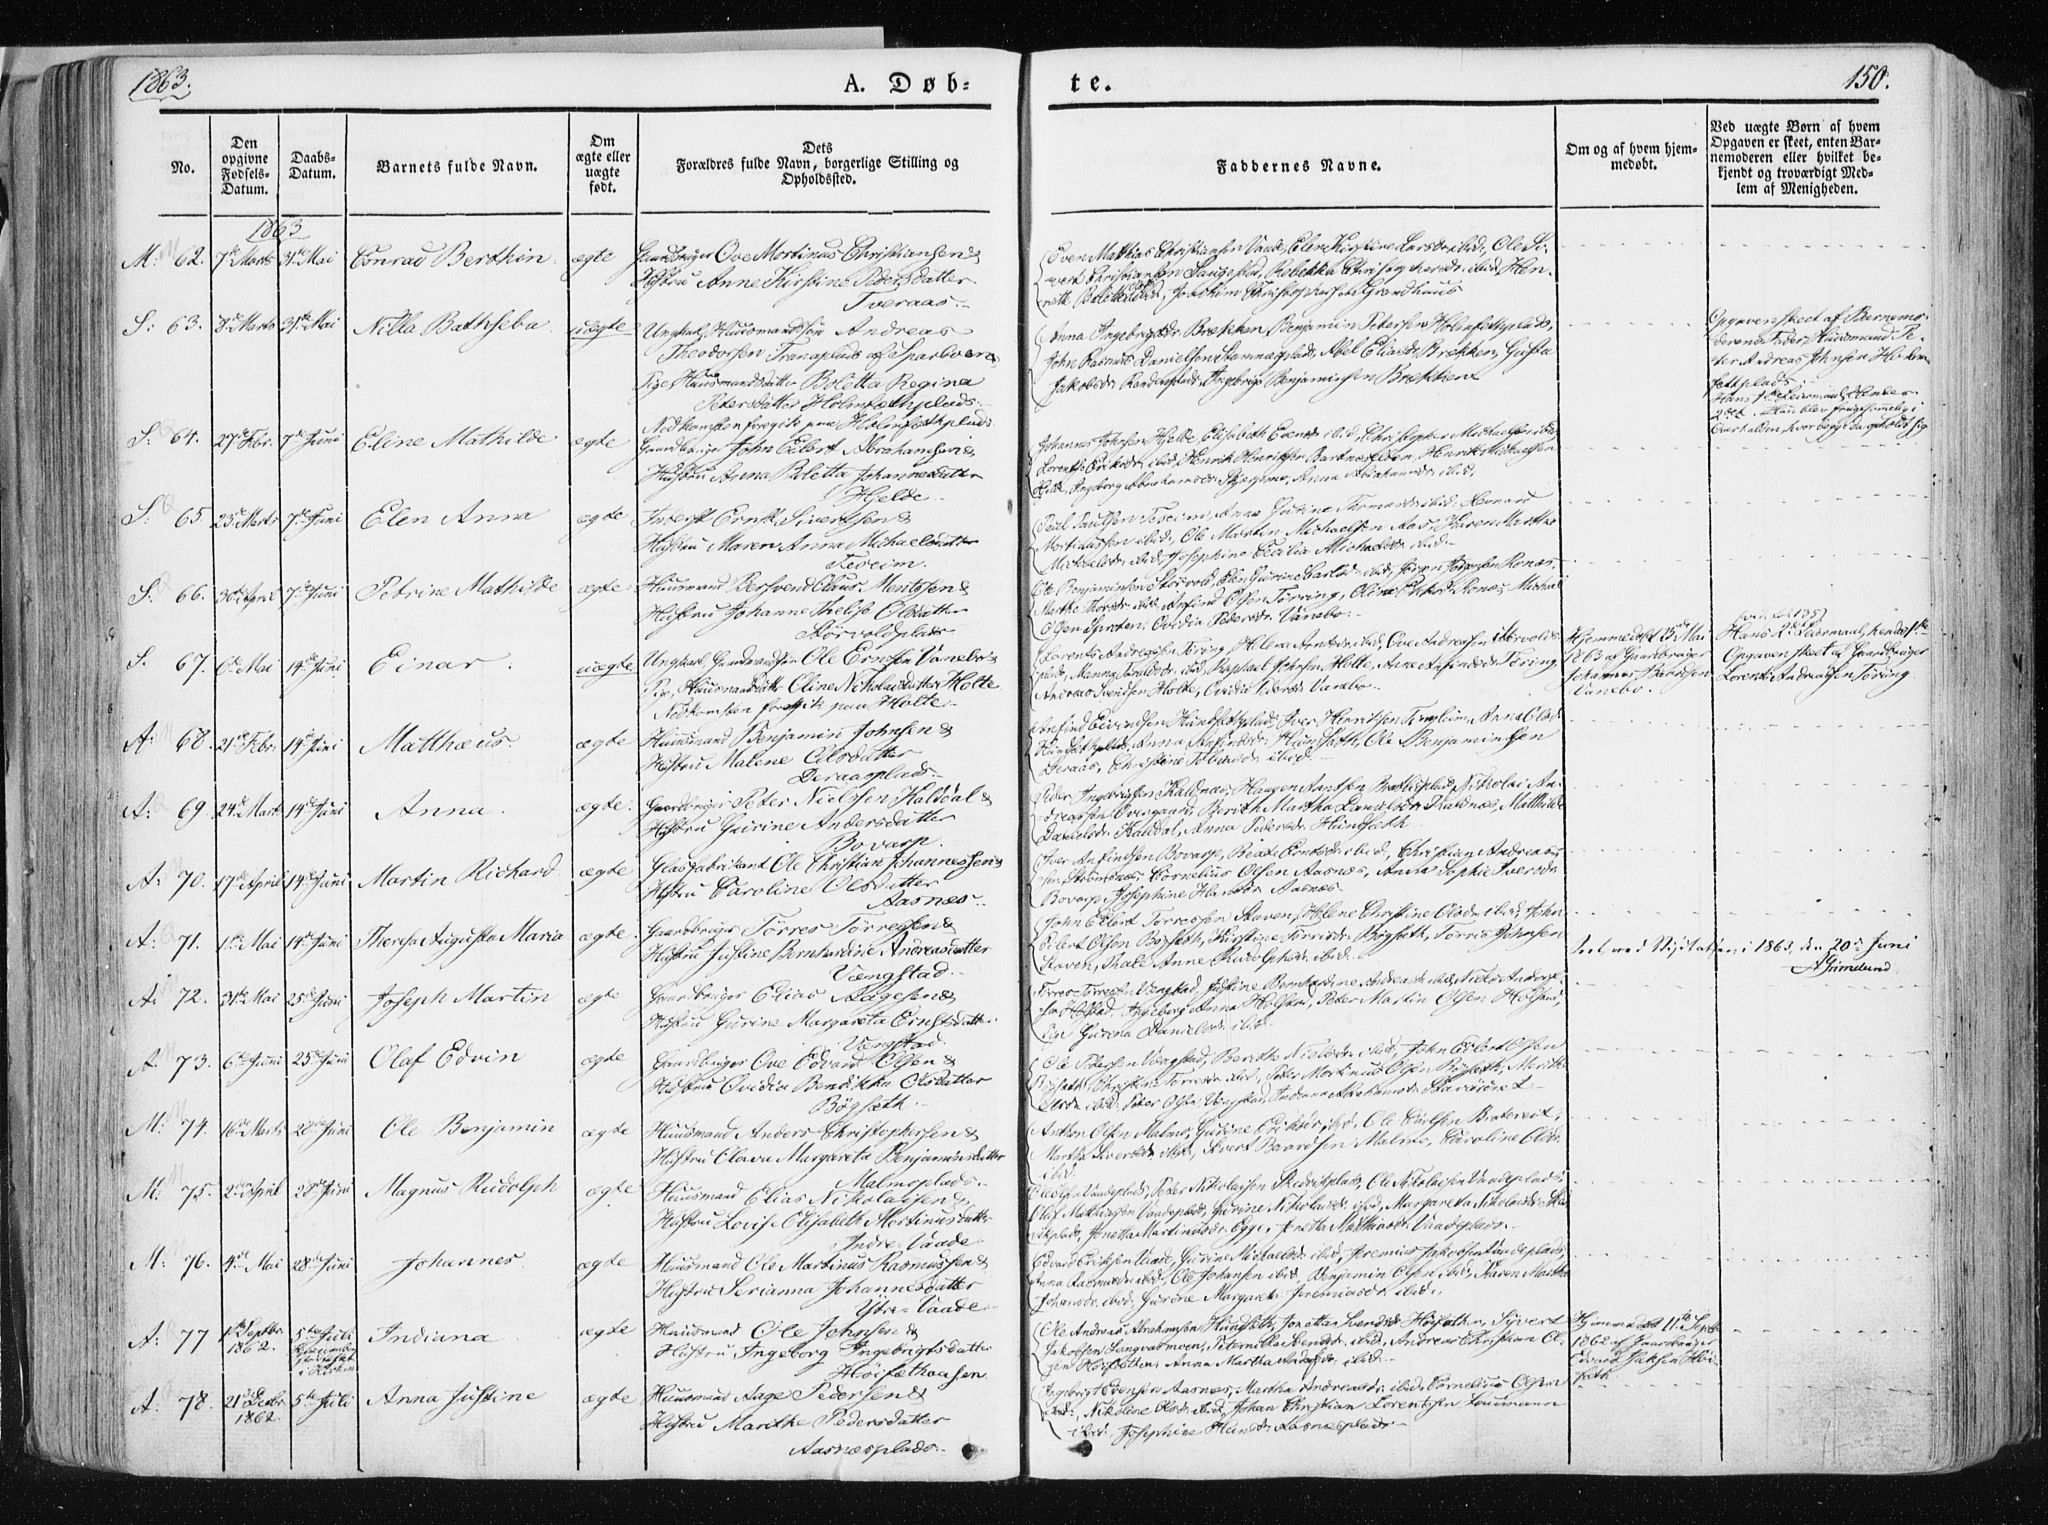 SAT, Ministerialprotokoller, klokkerbøker og fødselsregistre - Nord-Trøndelag, 741/L0393: Ministerialbok nr. 741A07, 1849-1863, s. 150